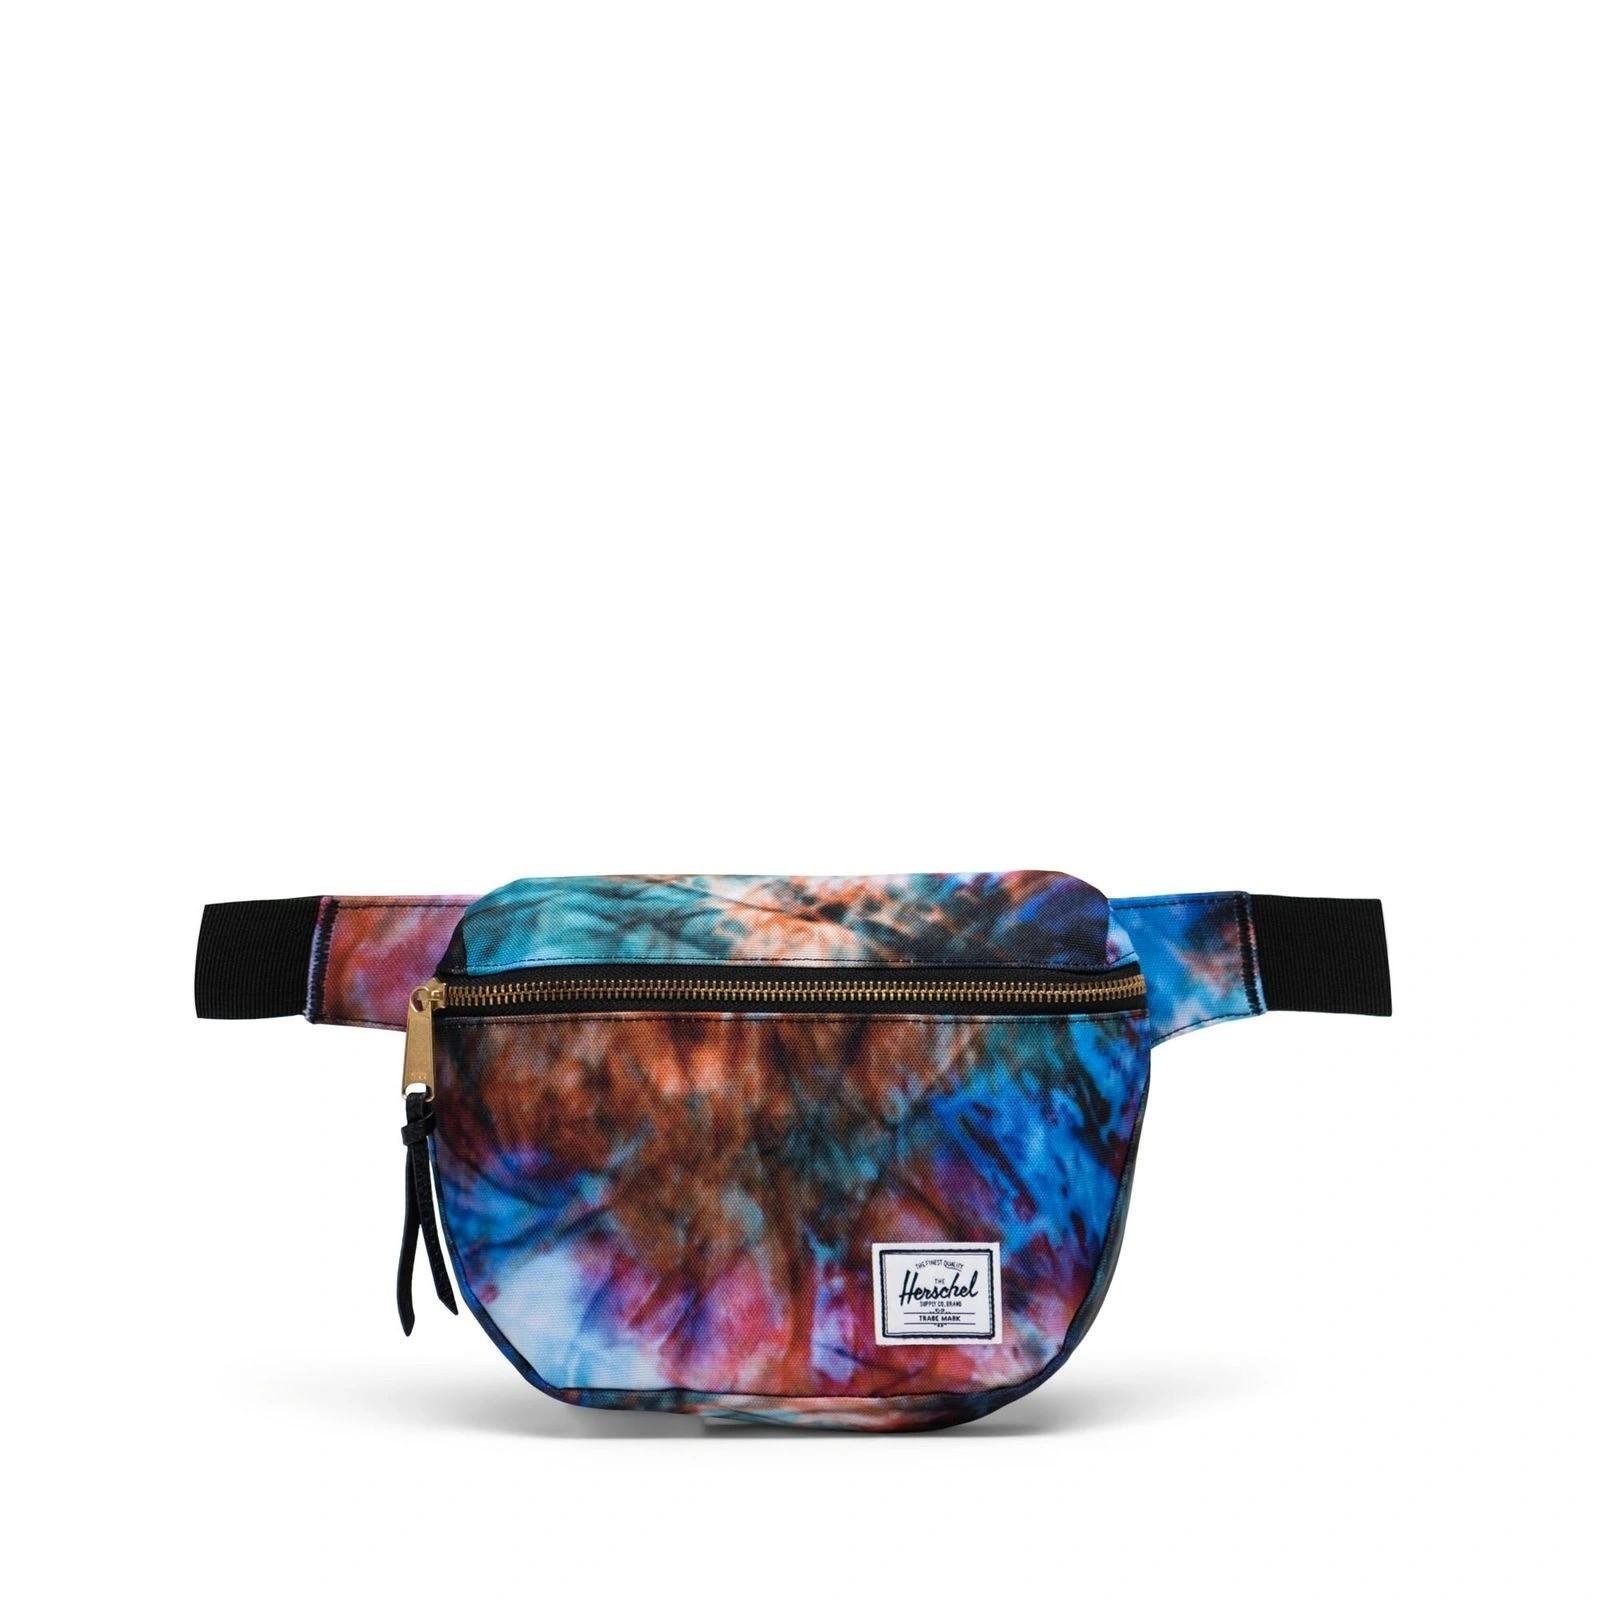 Herschel Bel Çantası Fifteen Summer Tie Dye